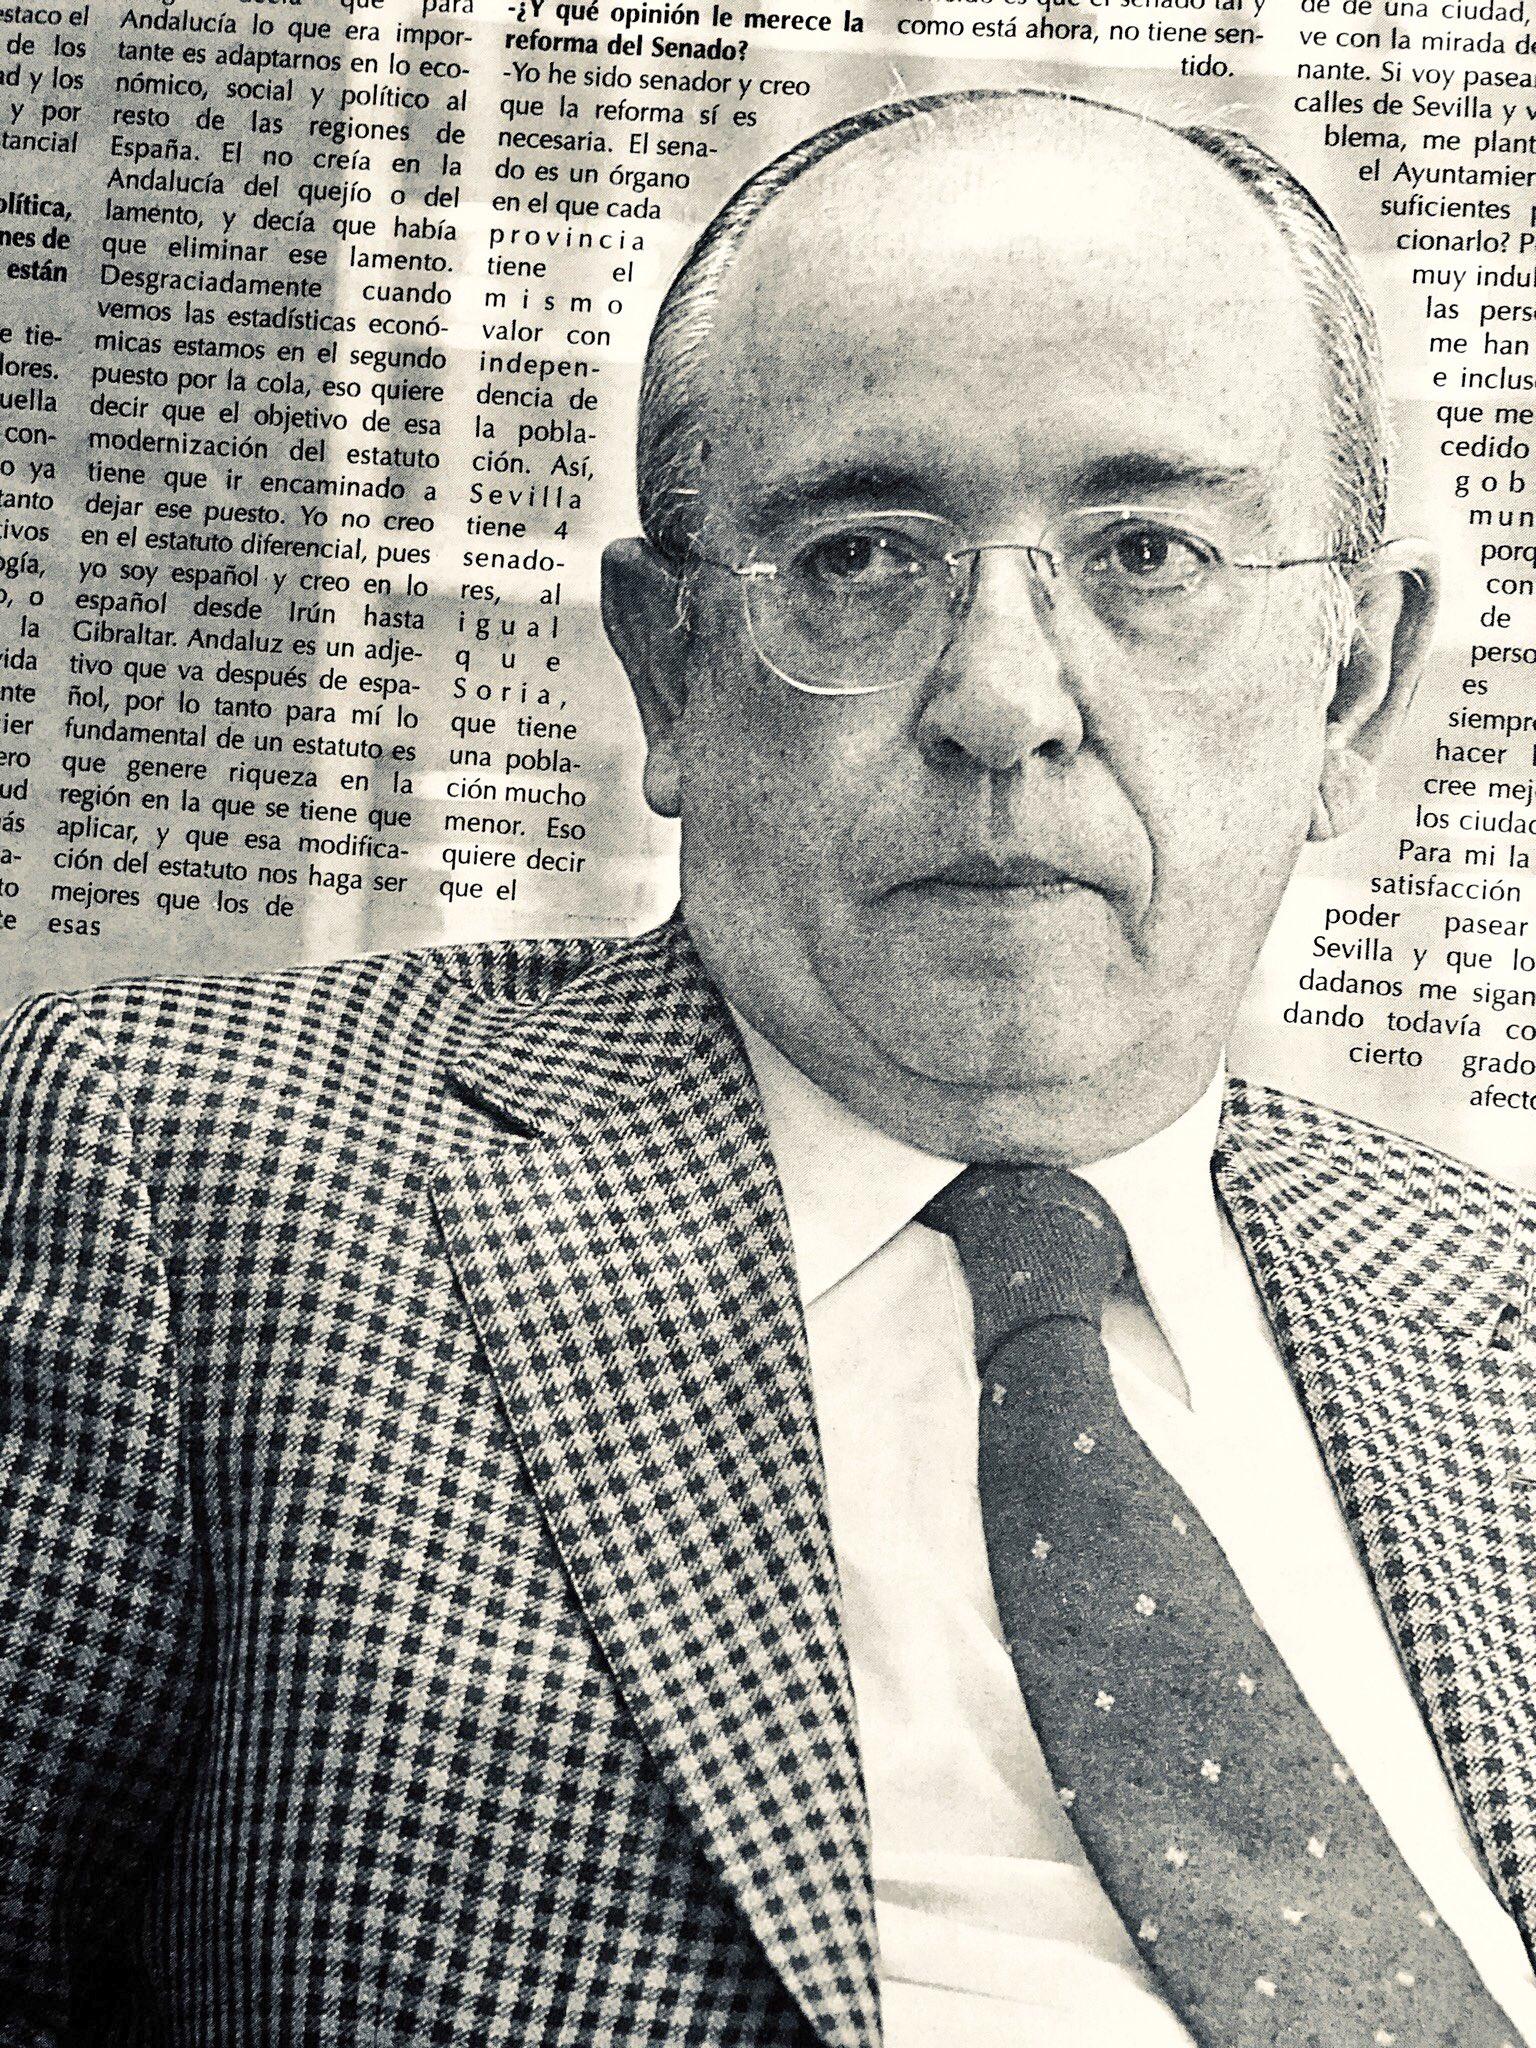 Manuel del Valle y su visión de los 25 años de democracia